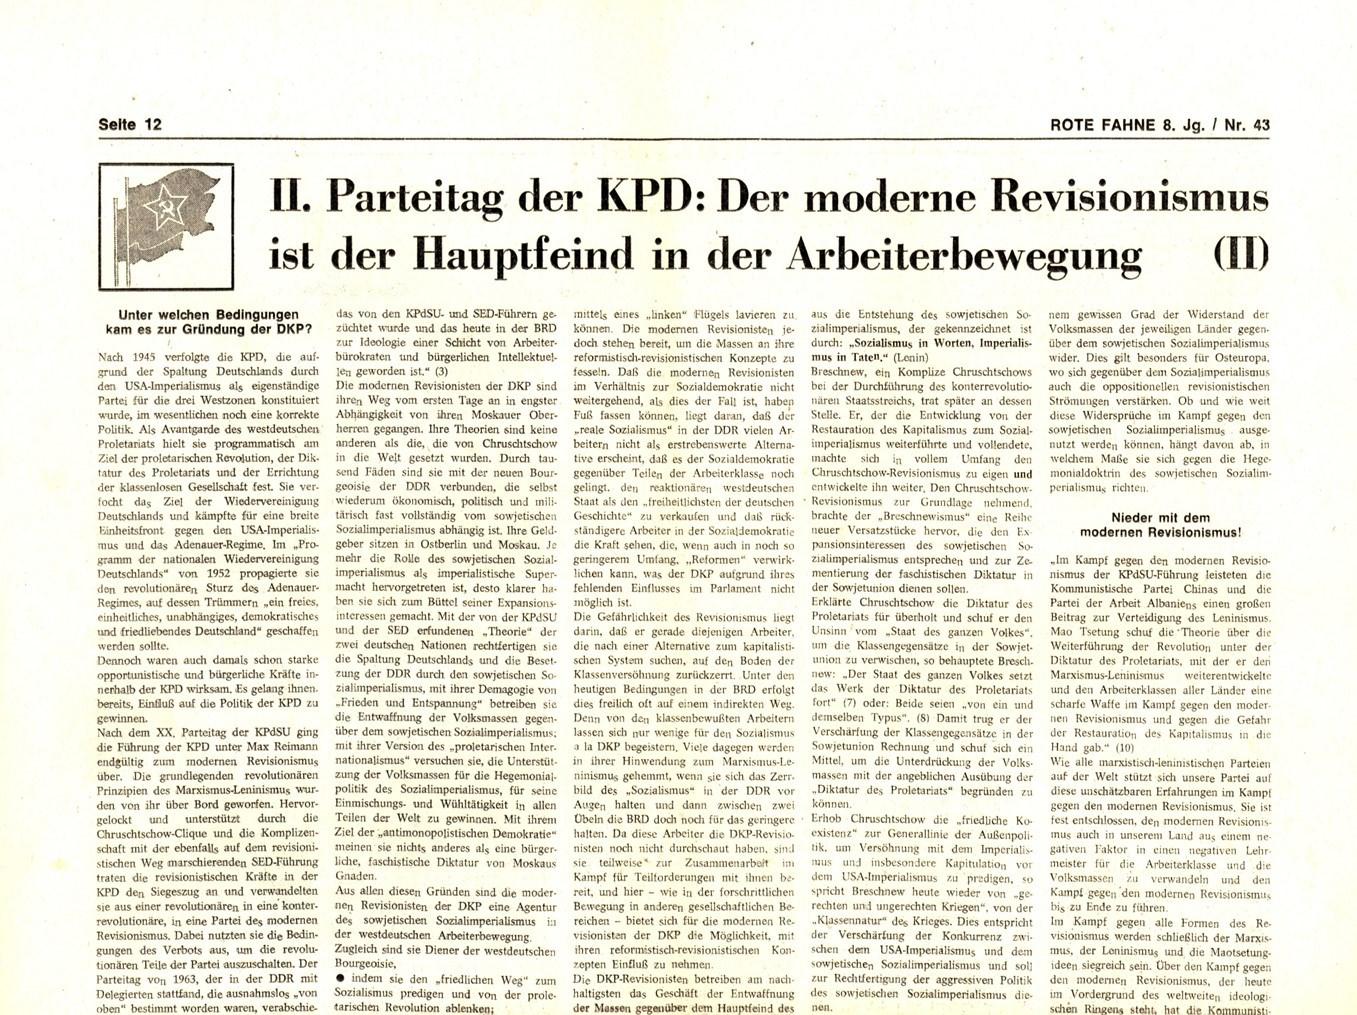 KPD_RF_1977_43_23